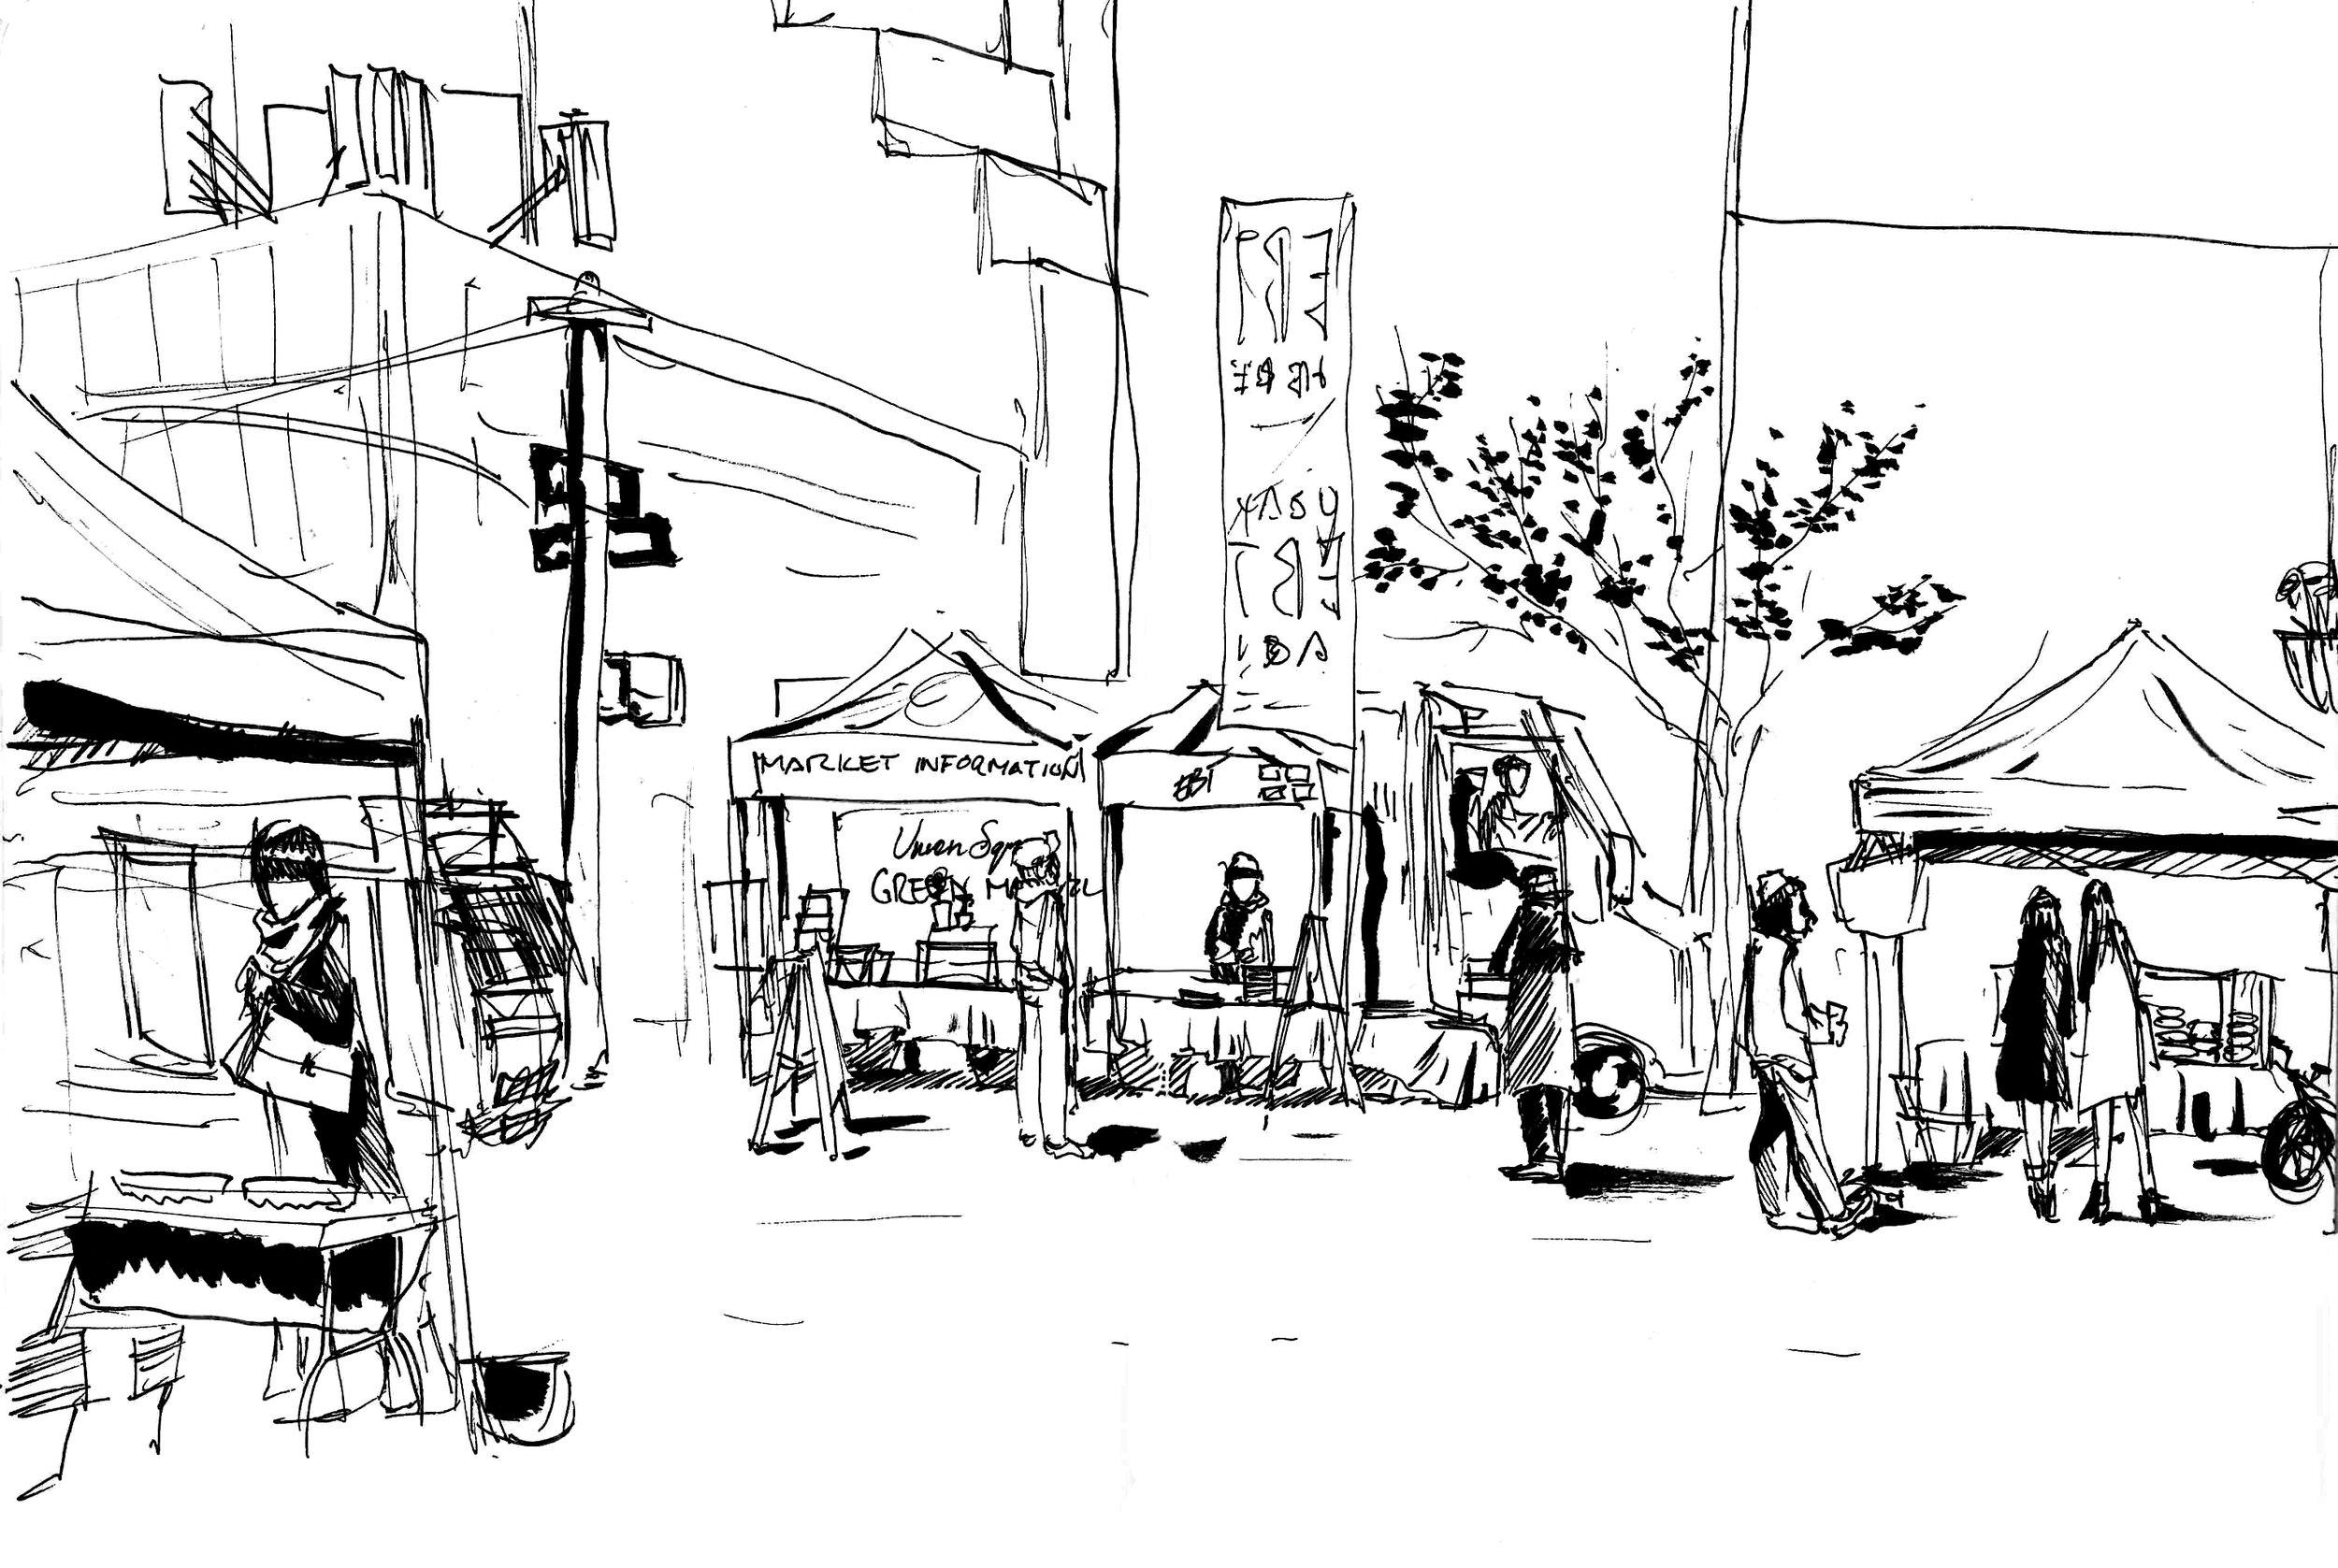 unionmarket.jpg